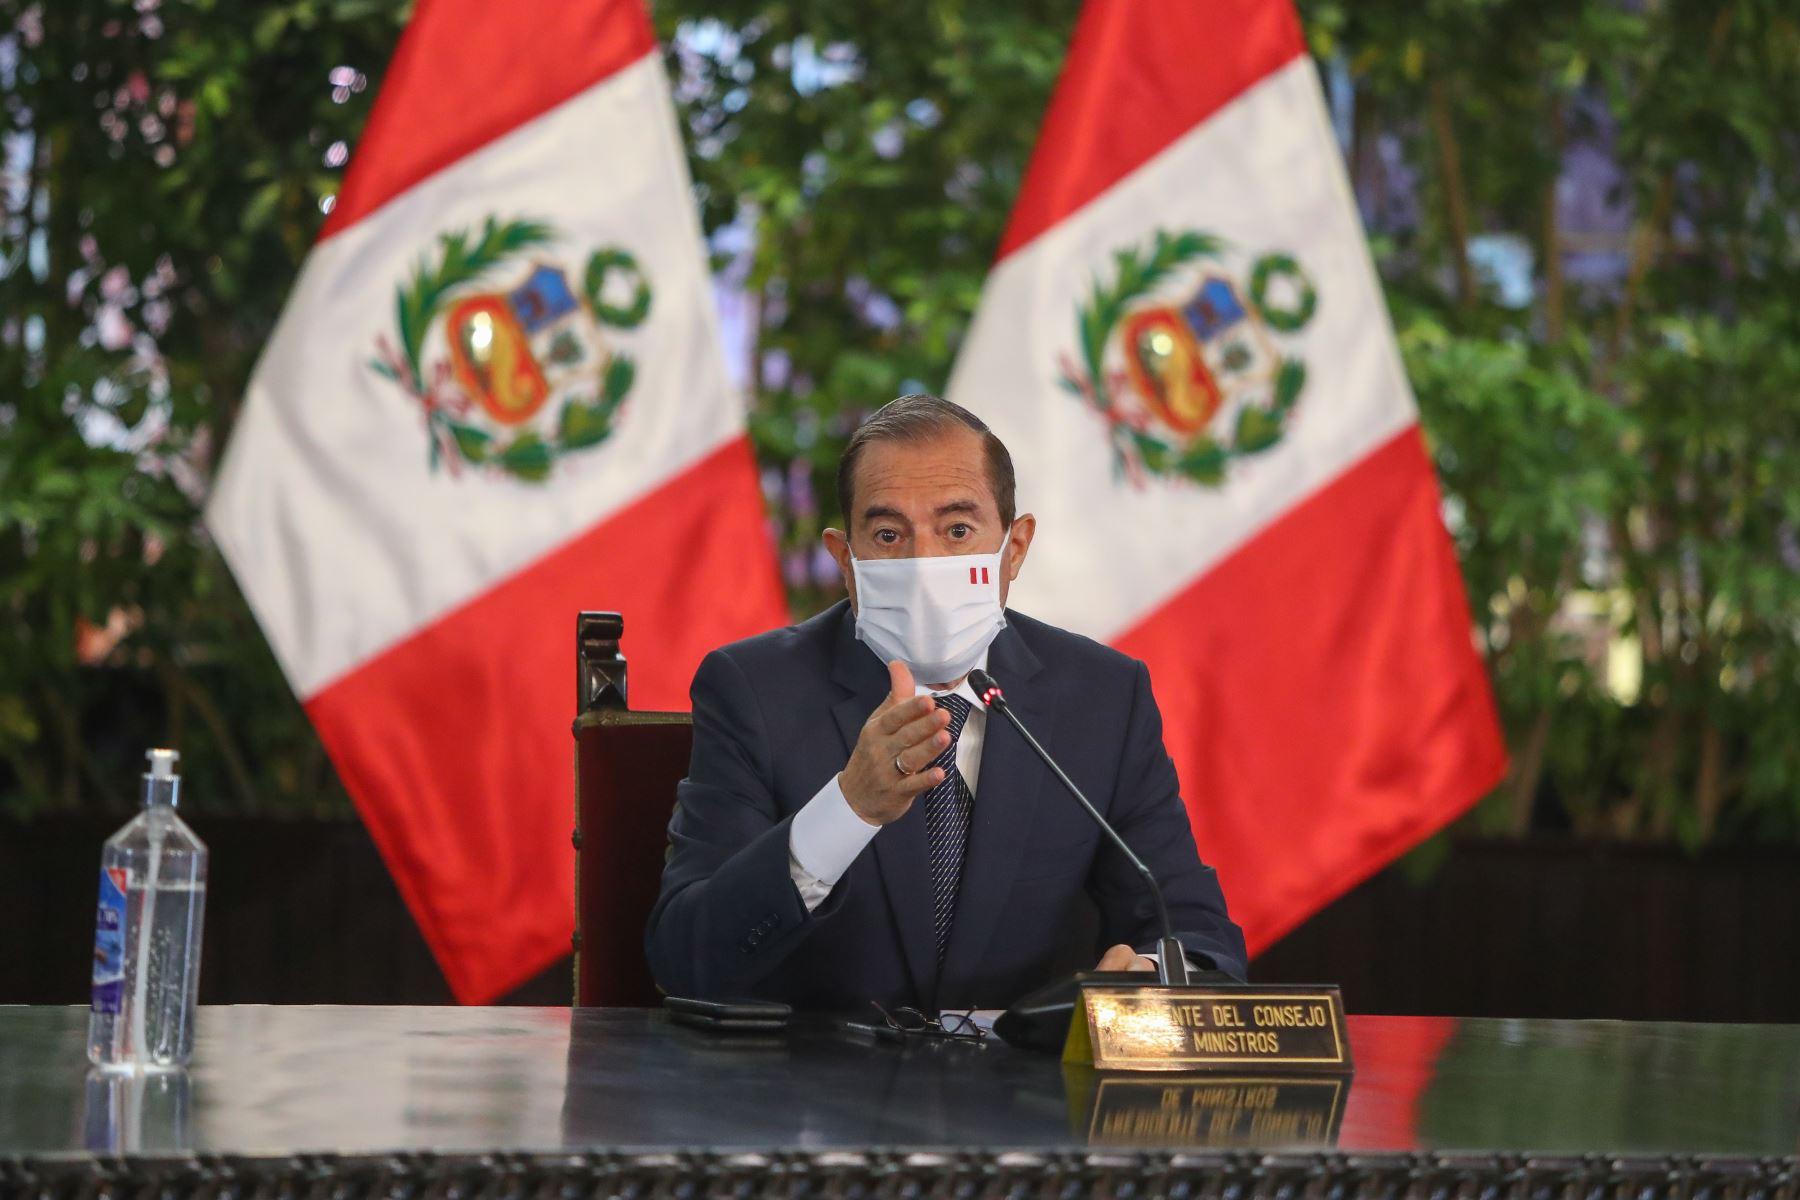 Primer ministro Walter Martos participa durante el pronunciamiento del presidente de la República,  Martin Vizcarra,  junto a al gabinete de ministros. Foto: ANDINA/ Prensa Presidencia